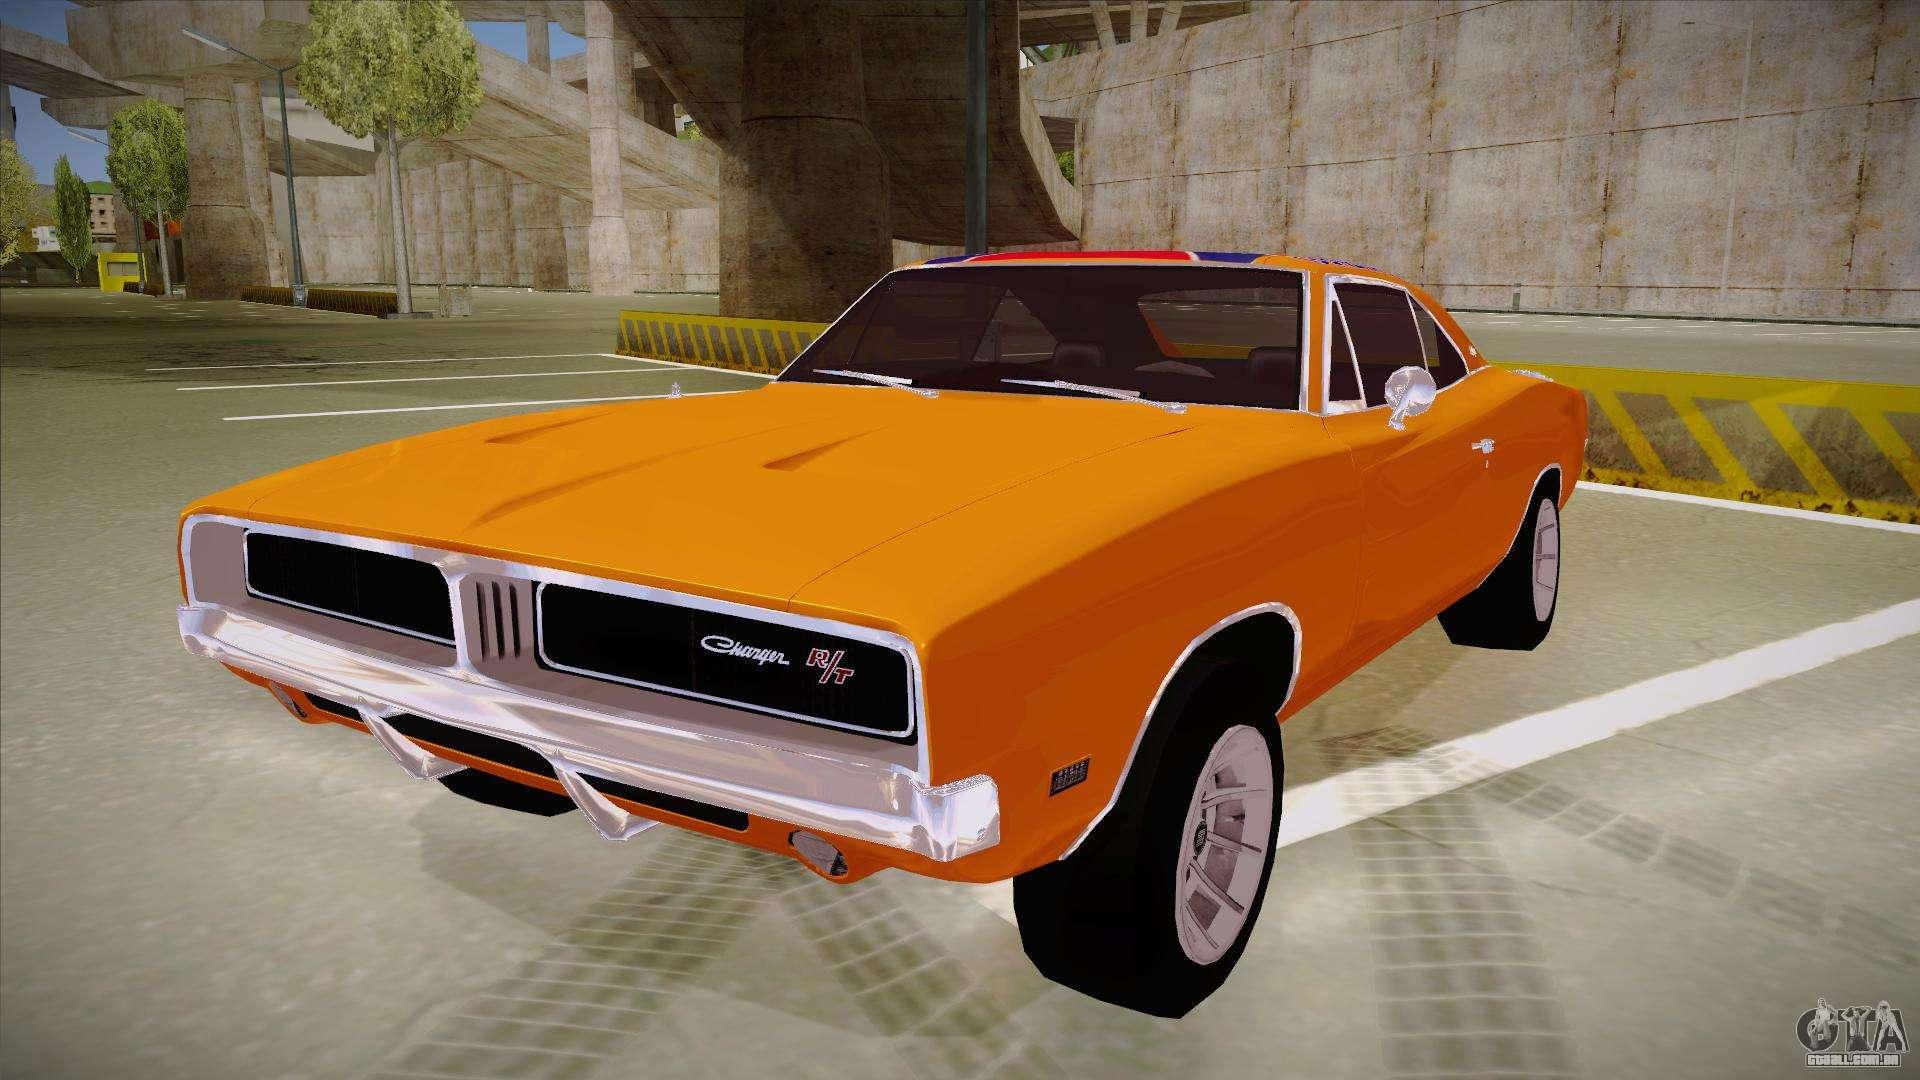 Dodge Charger 1969 General Lee Para Gta San Andreas